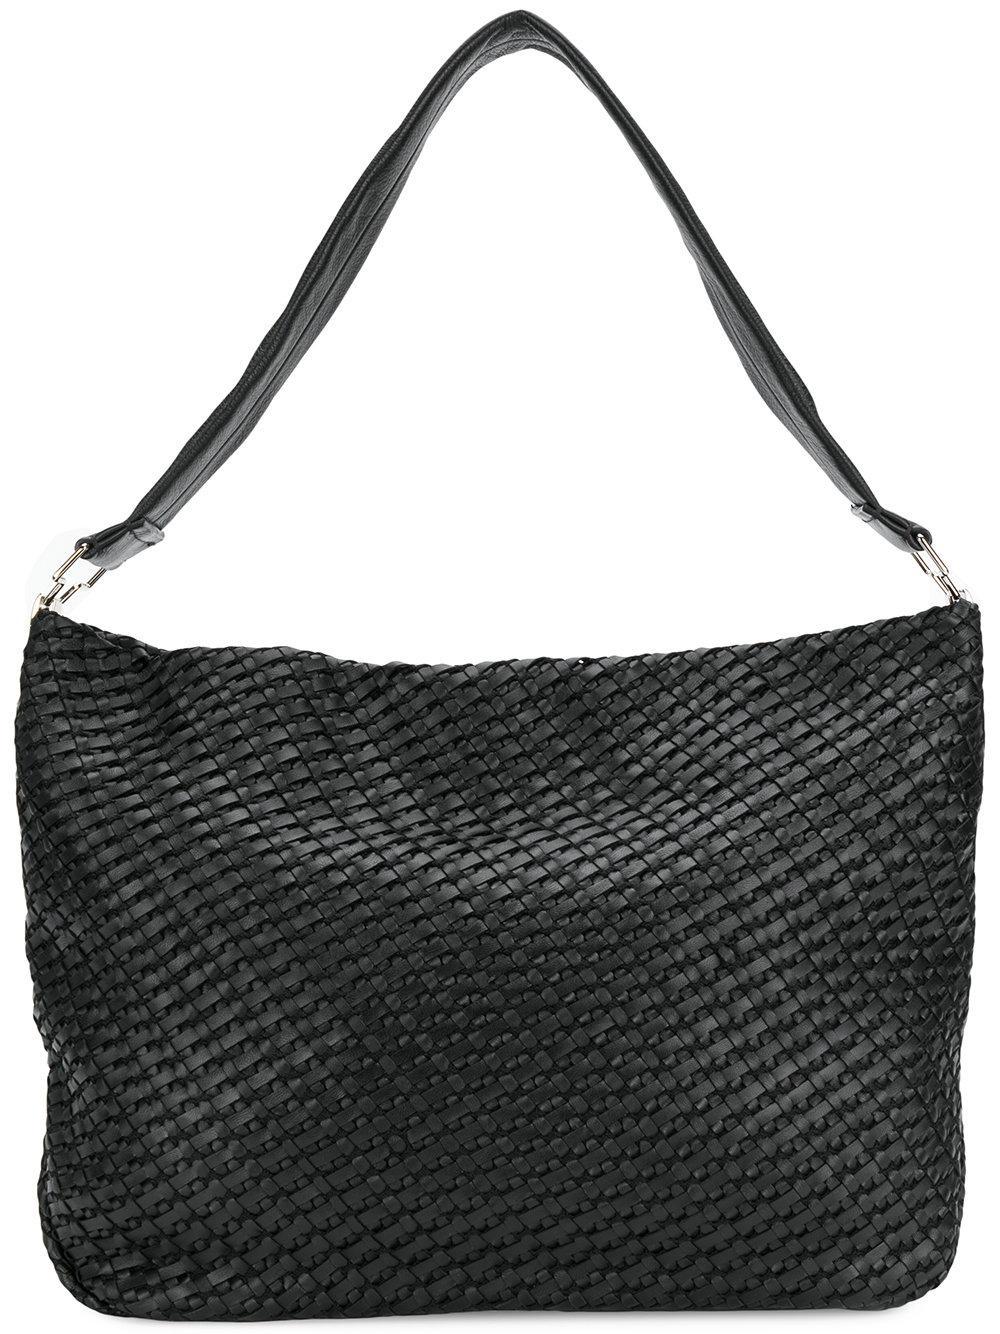 Desa Intrecciato Weave Shoulder Bag